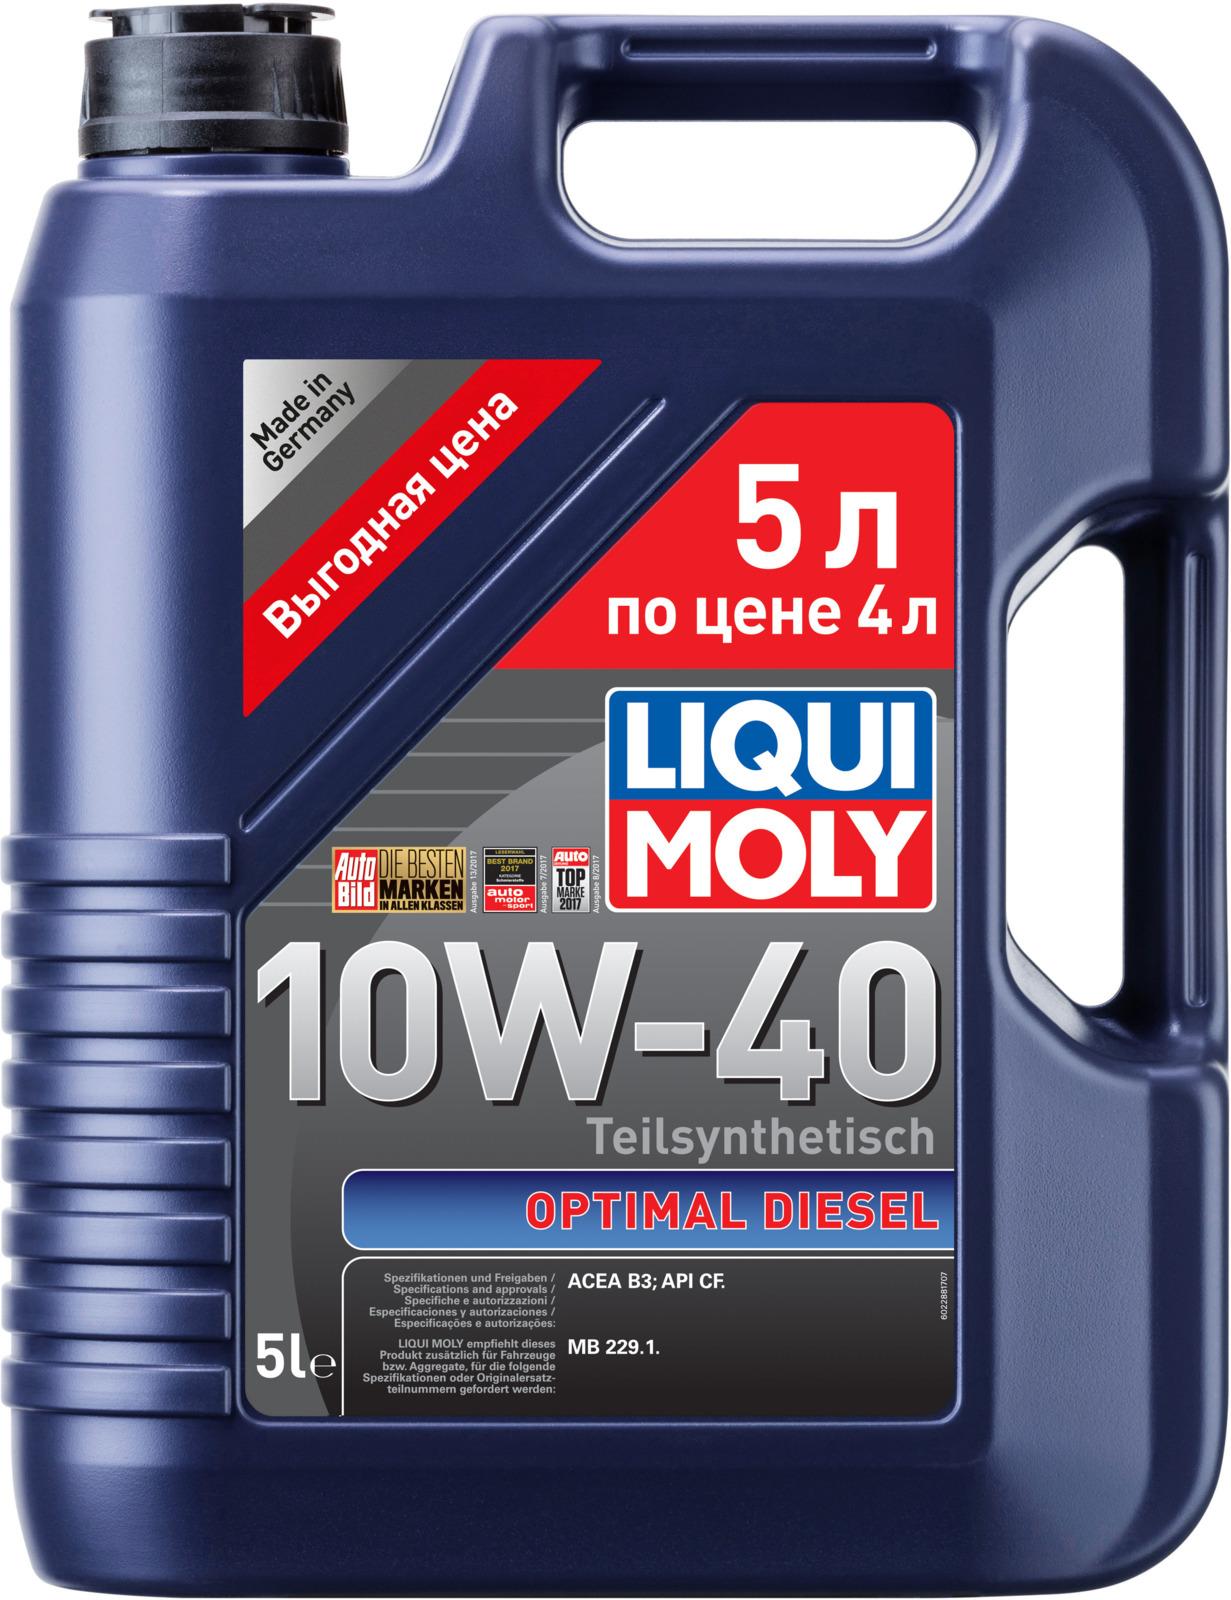 Моторное масло Liqui Moly Optimal Diesel, полусинтетическое, 5 л моторное масло mannol diesel extra 10w 40 для дизельных двигателей 5 л полусинтетическое